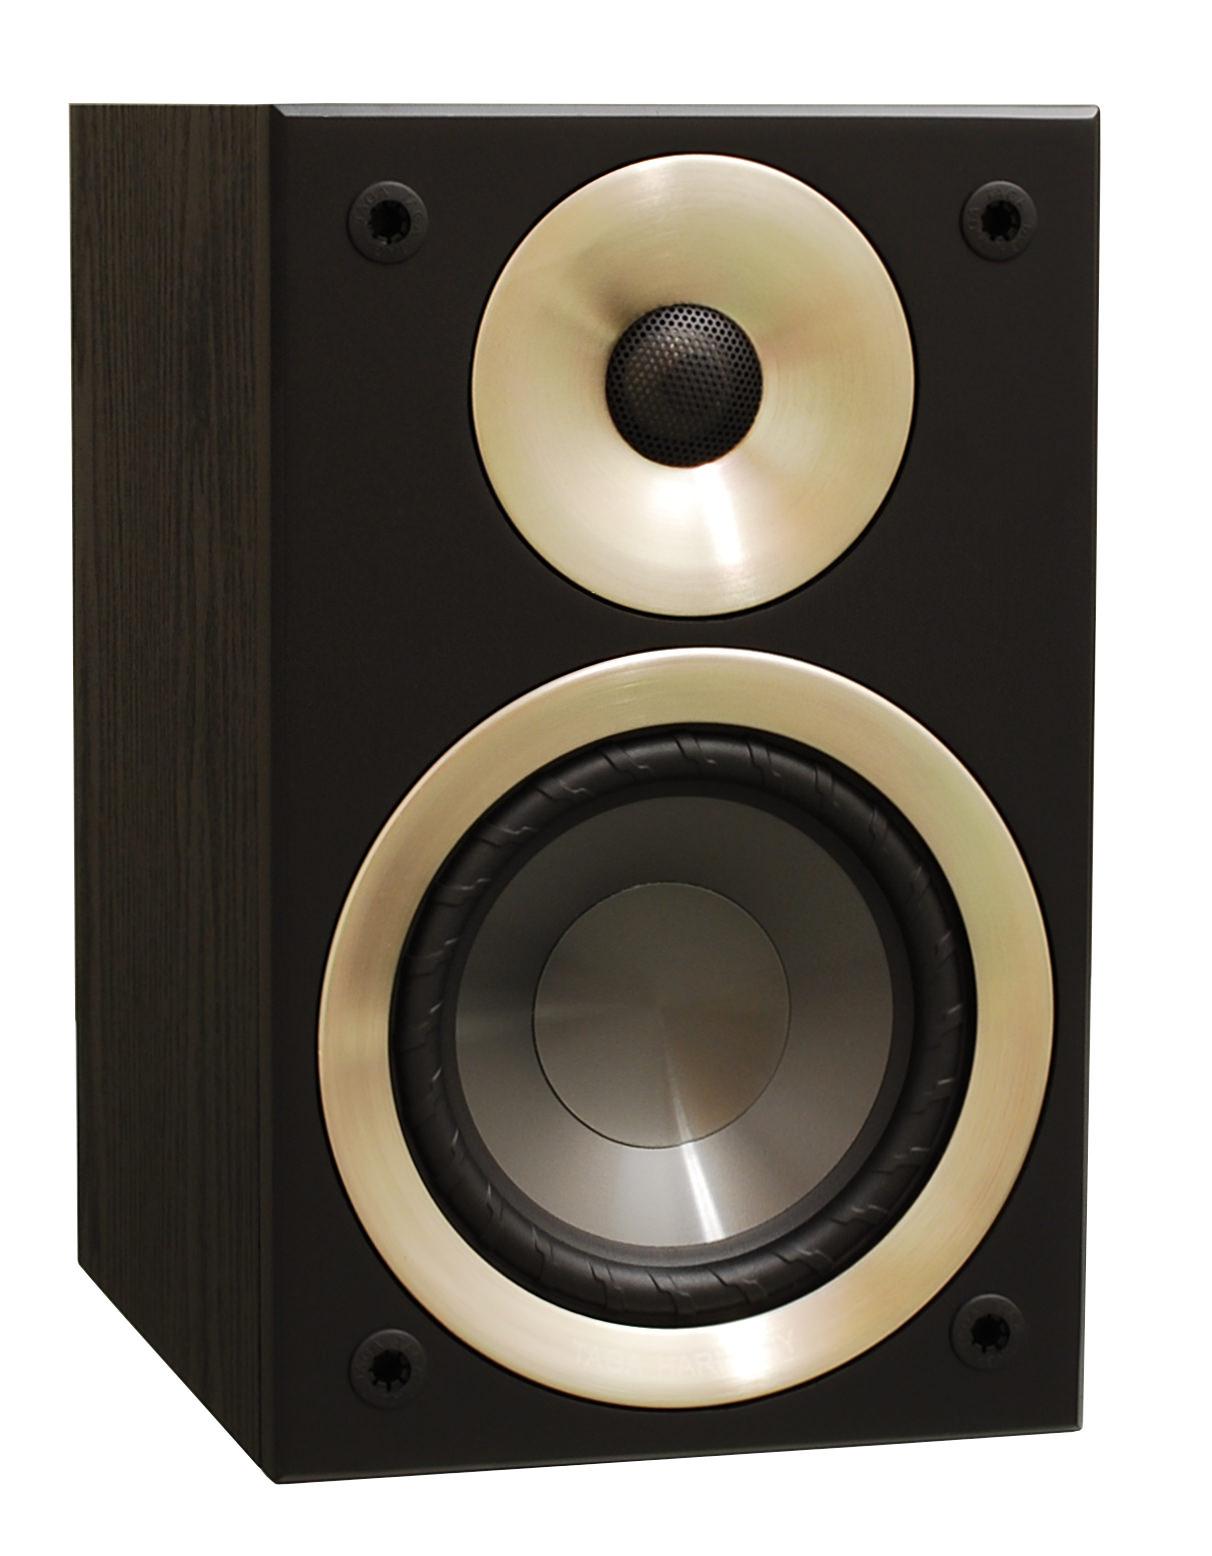 Den Prisbelnta Class D Amplifier Design Regulated 220v 2x60w 2 60w